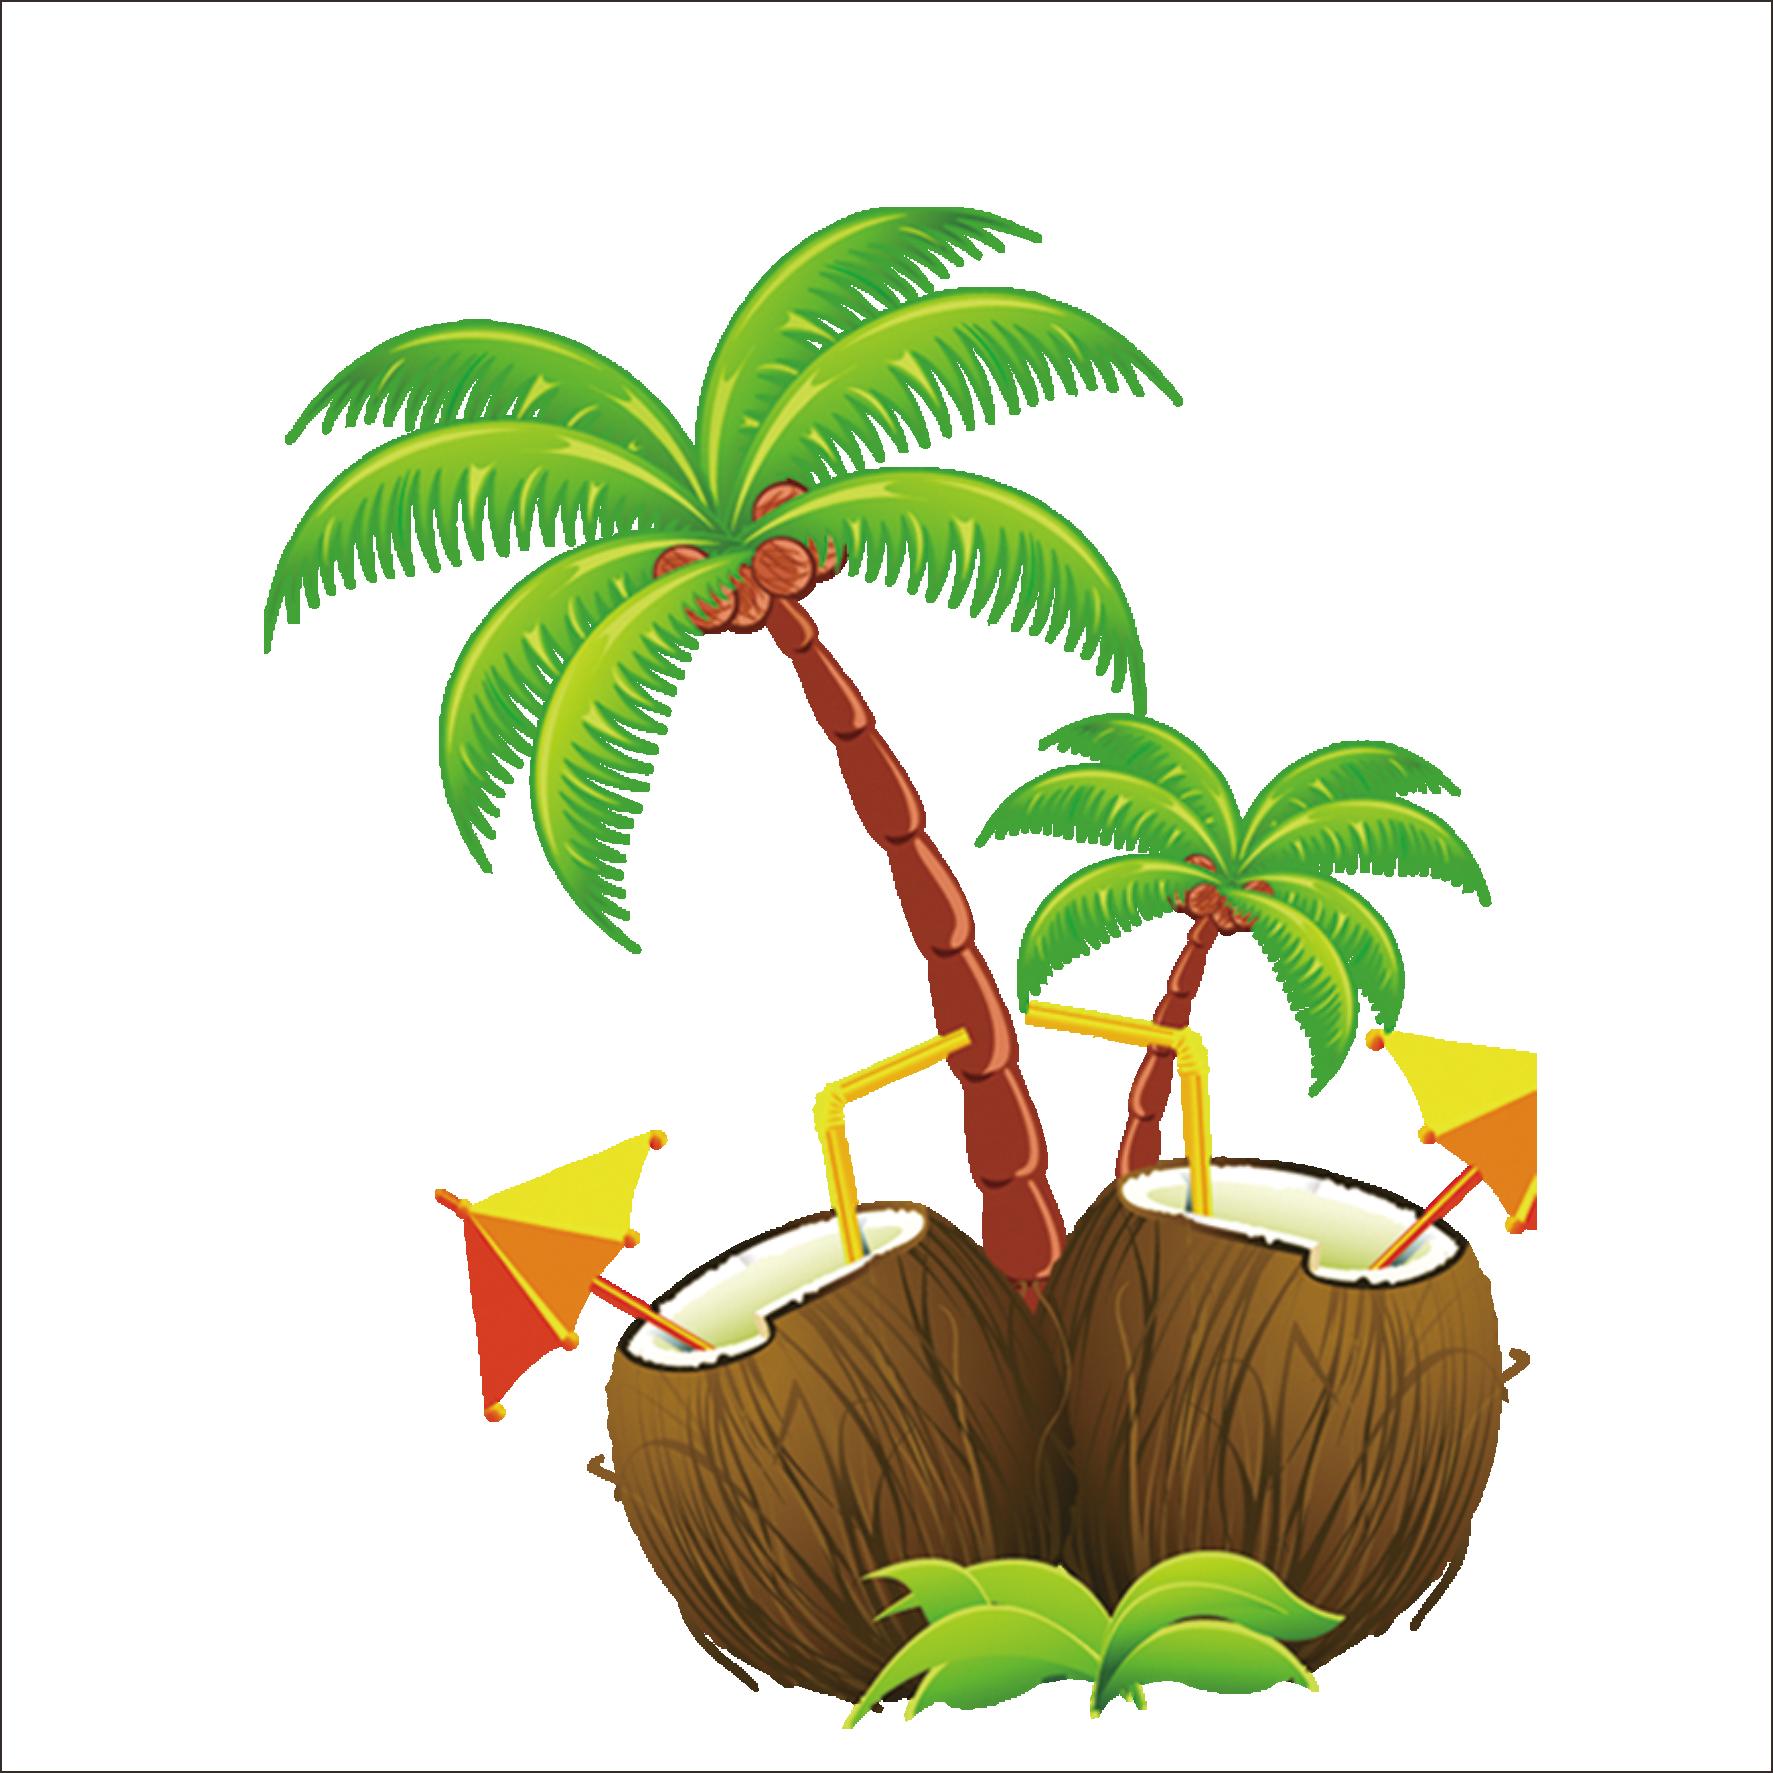 Island clipart gilligan's island. Hawaii clip art coconut